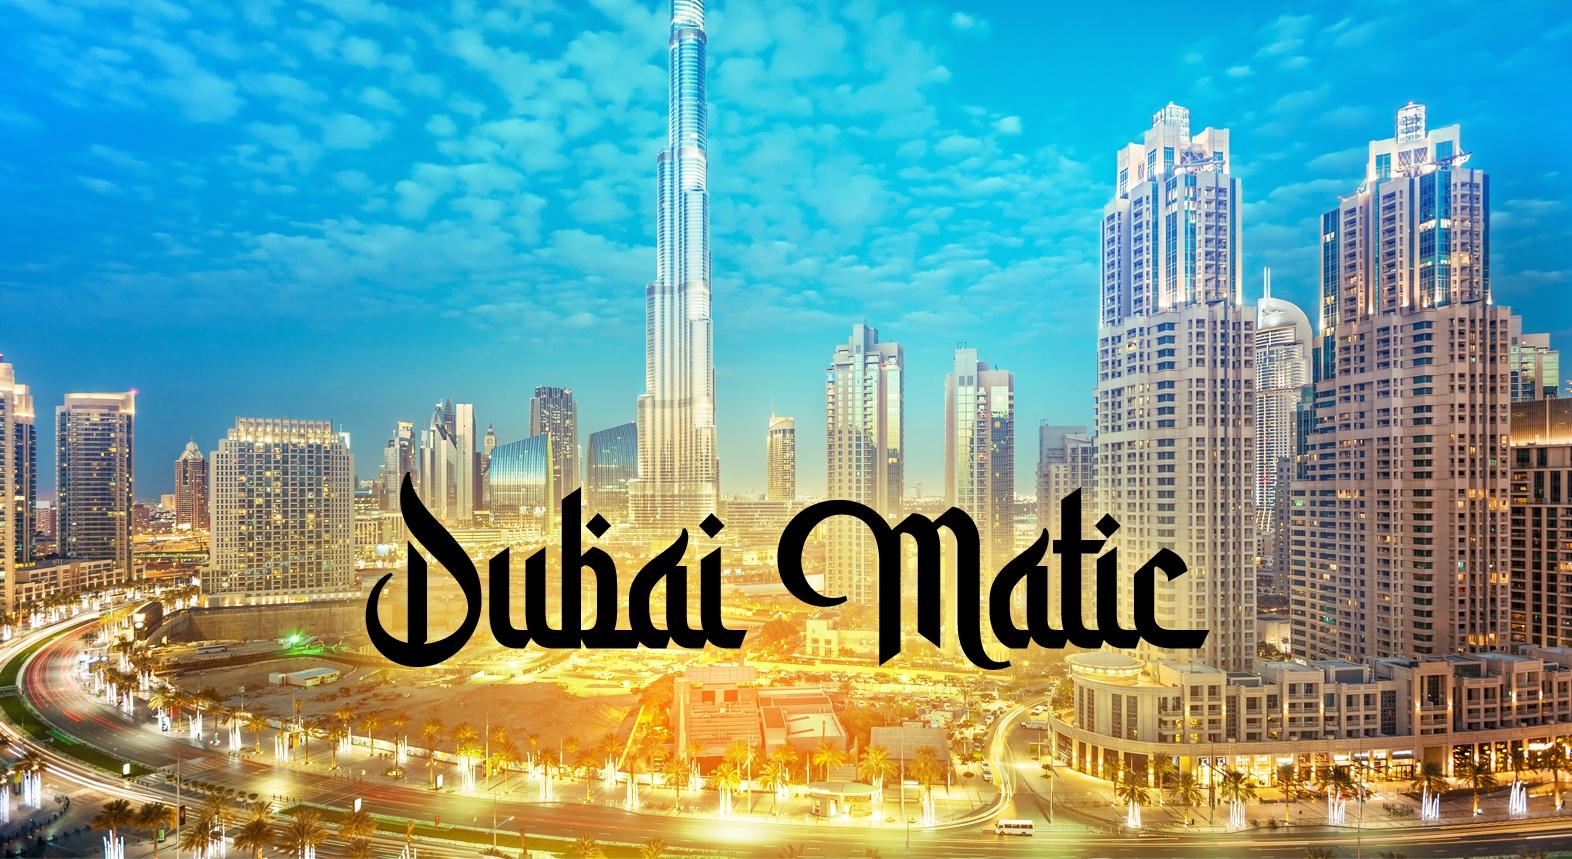 Dubai (@dubaimatic) Cover Image